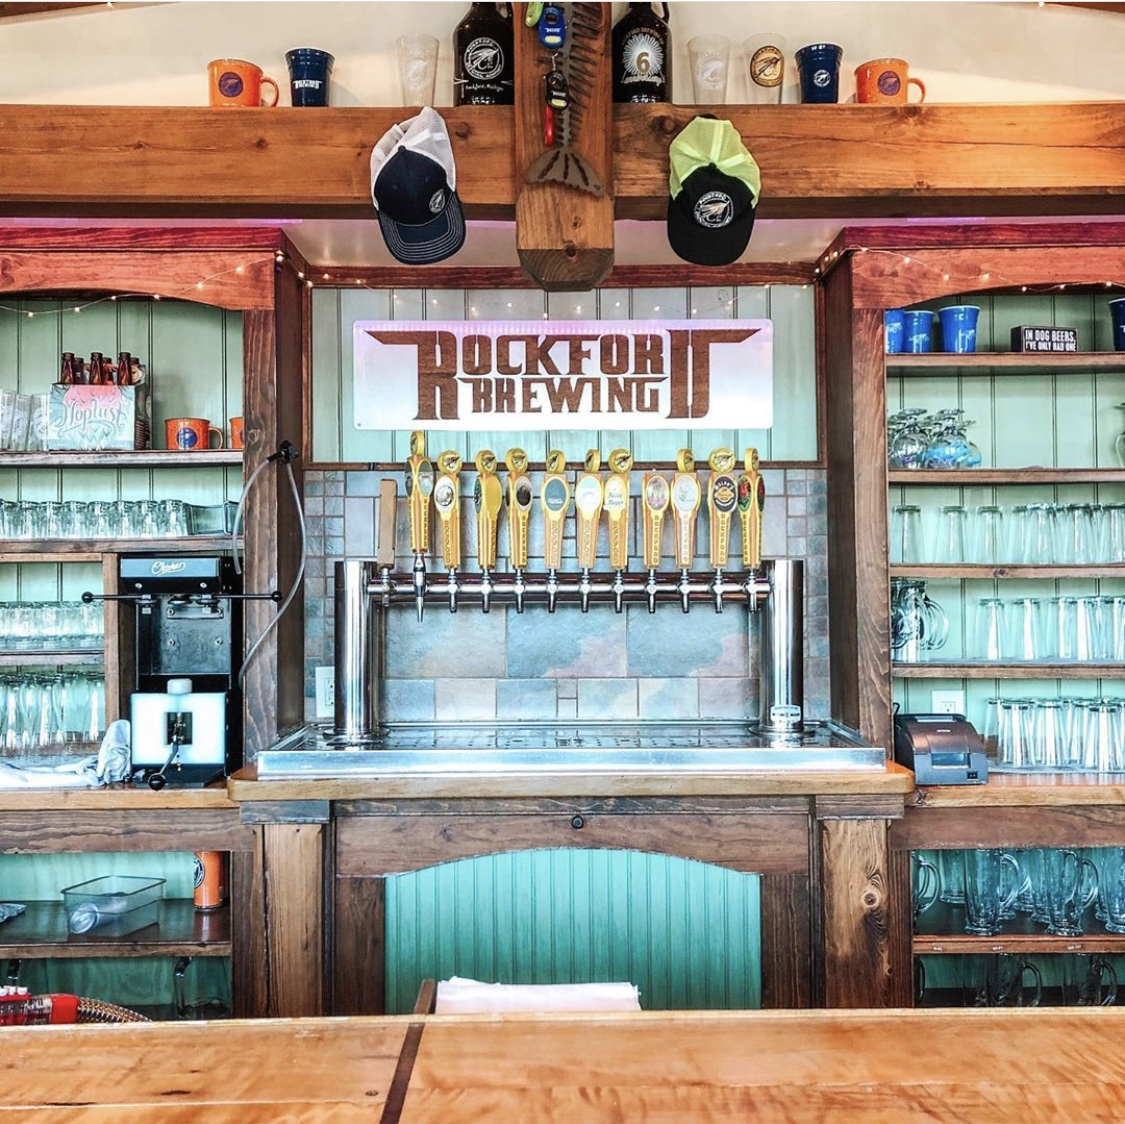 rockford brewing company grand rapids michigan iheartgr iheartgrandrapids